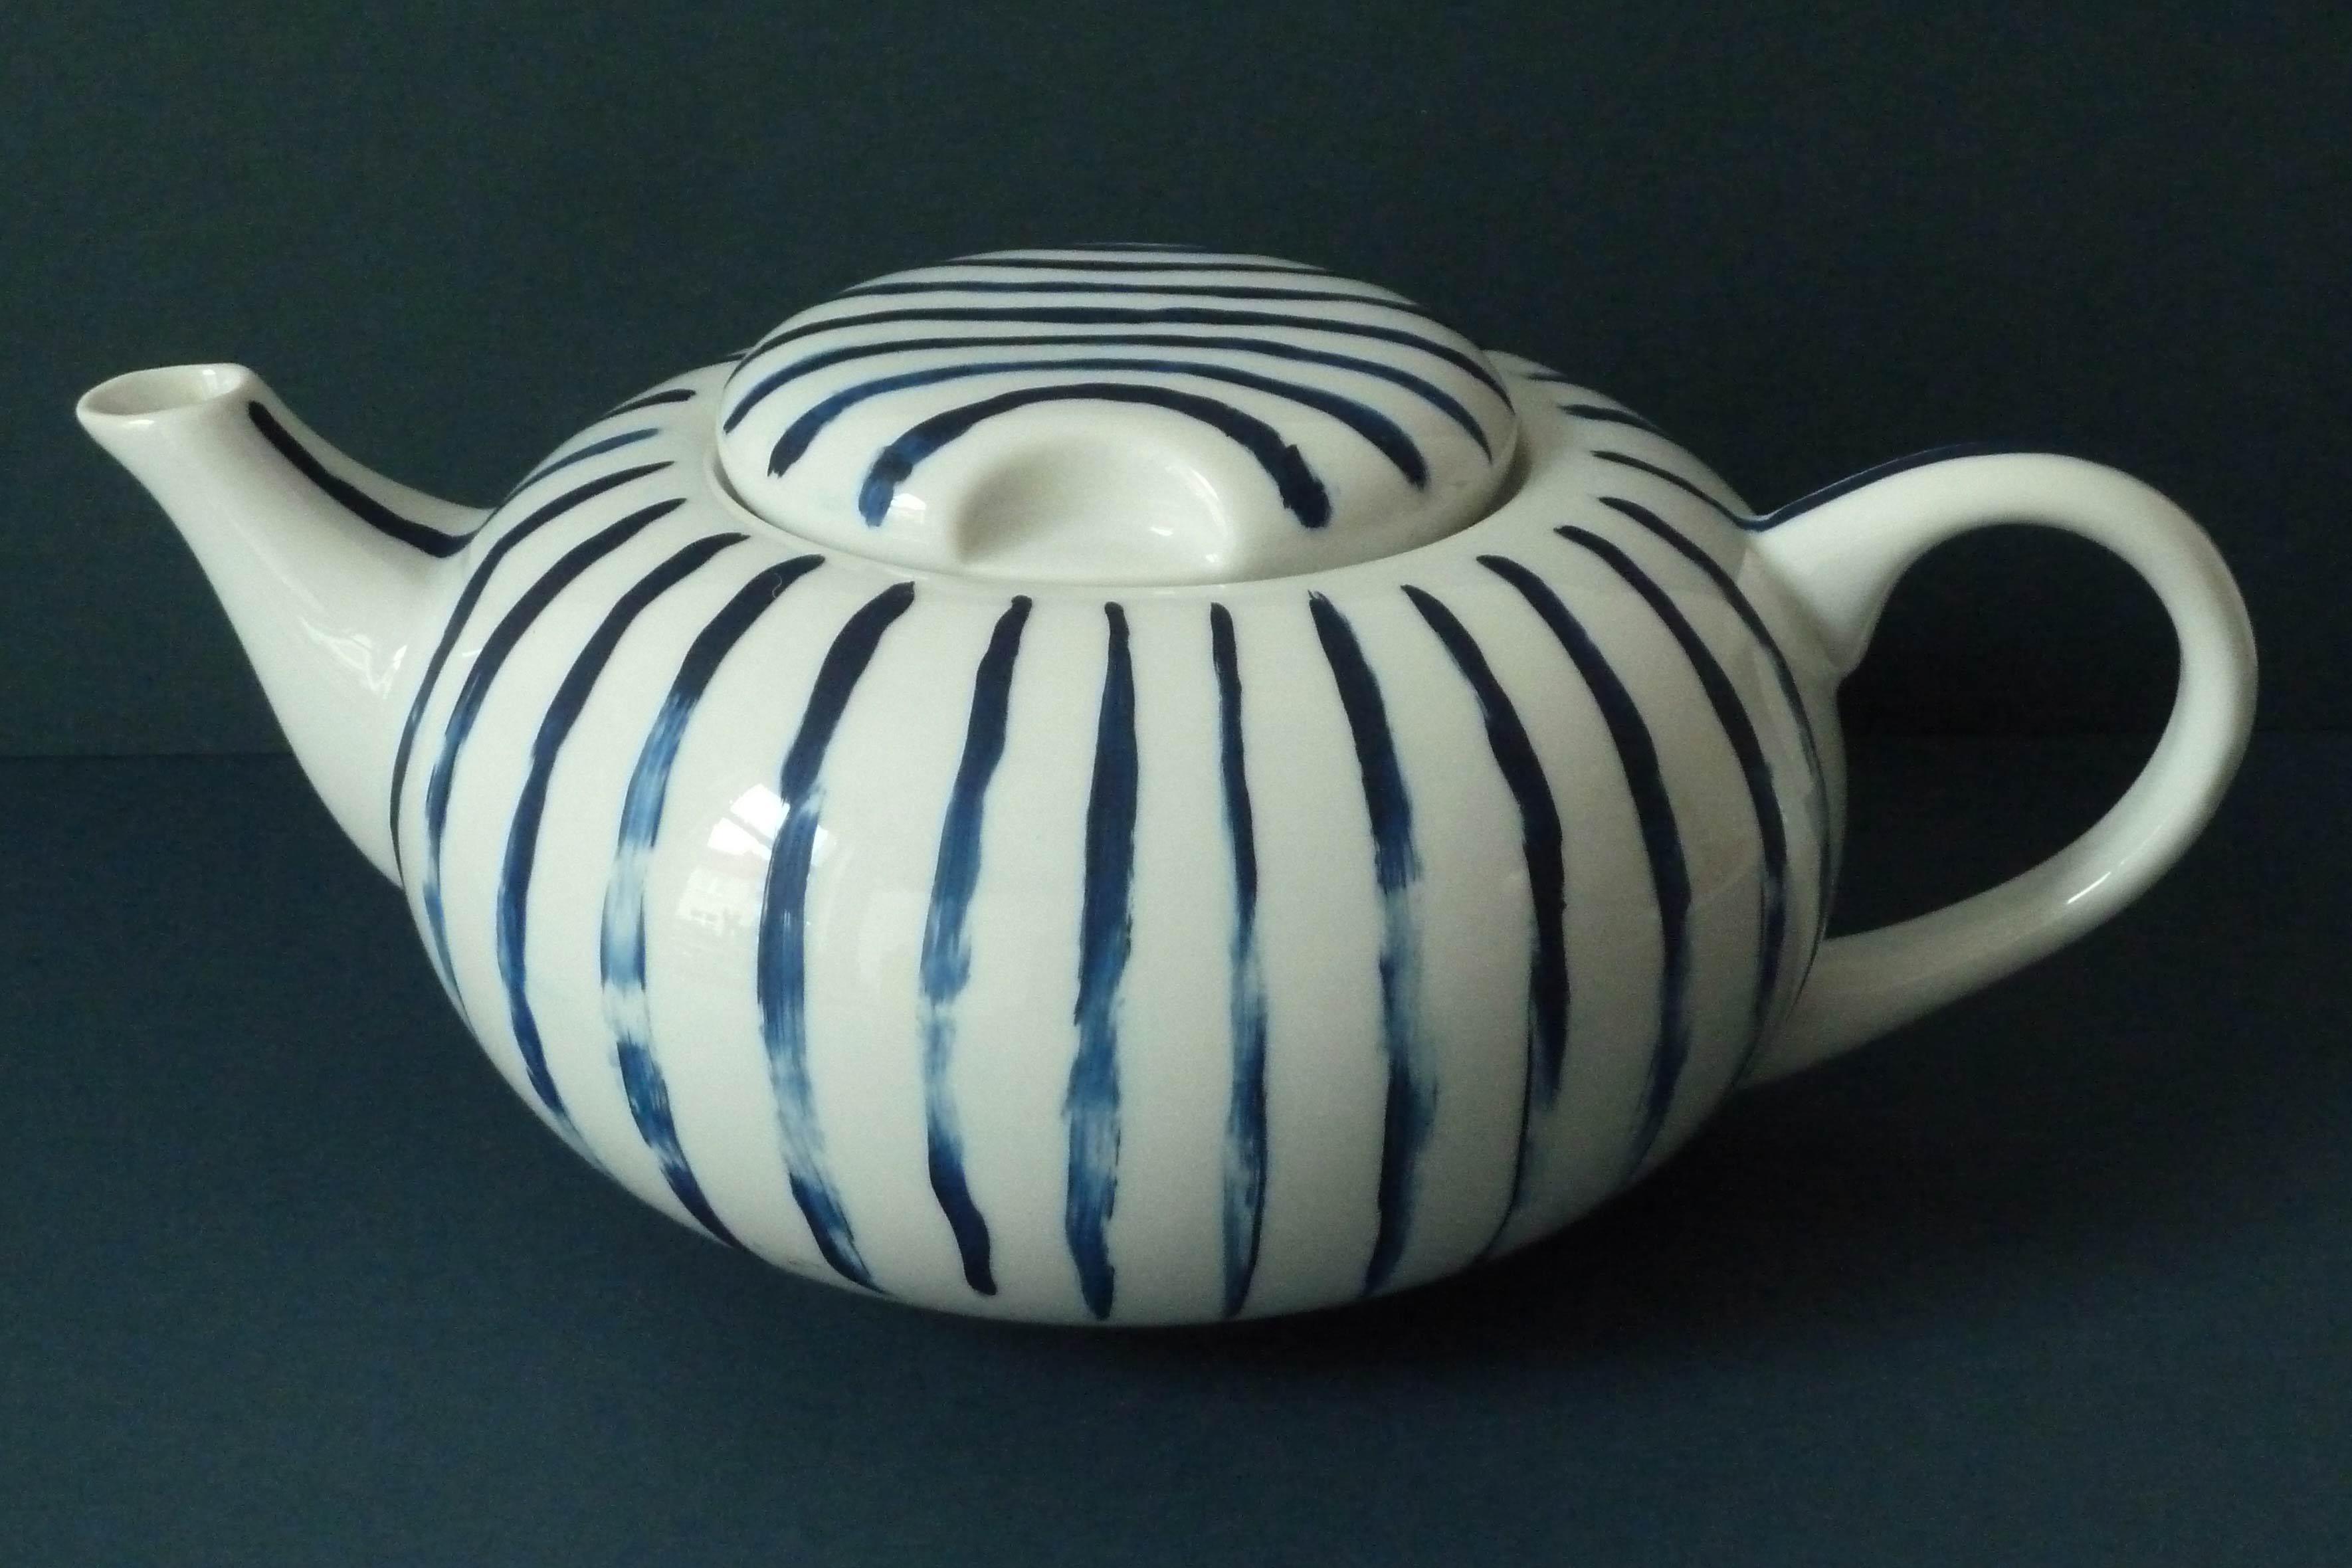 weisse Teekanne mit dunkelblauen Streifen